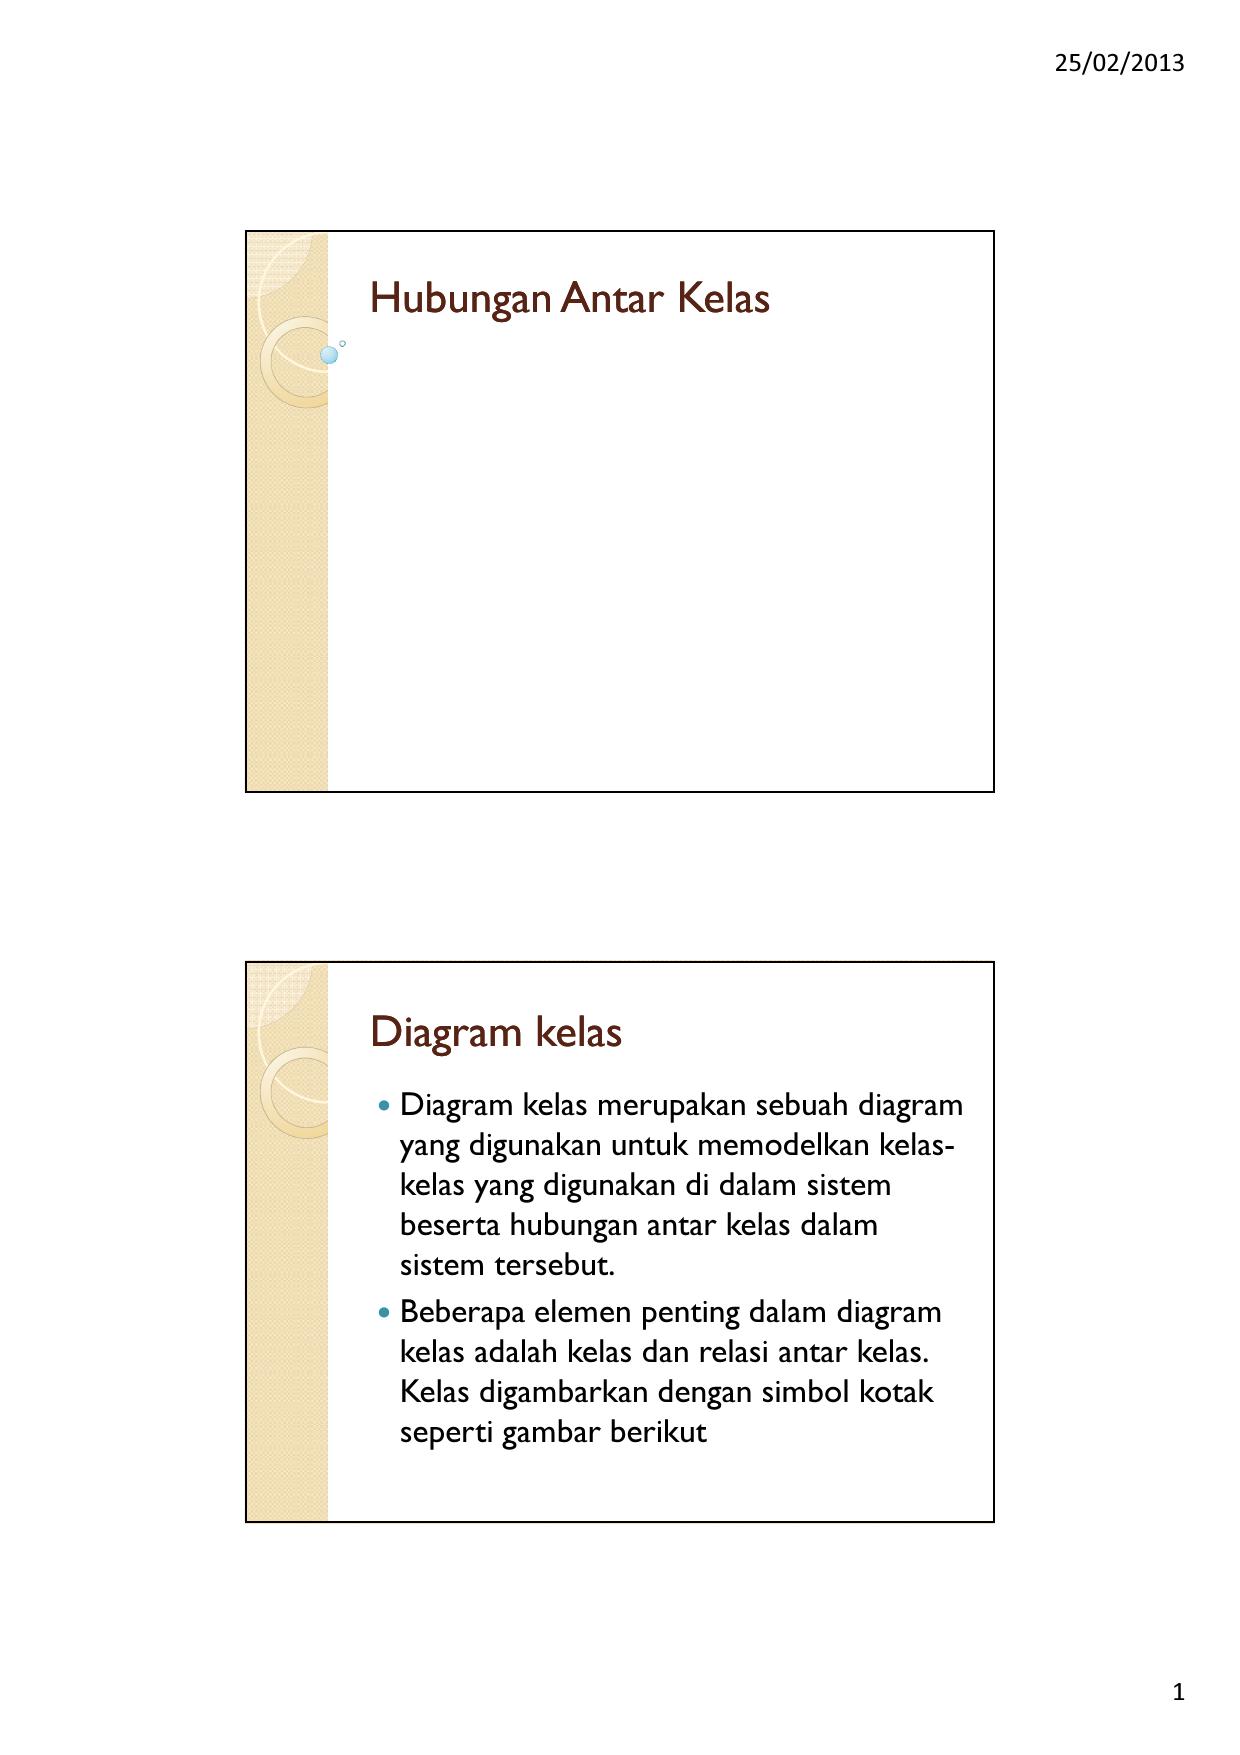 Hubungan antar kelas diagram kelas ccuart Image collections